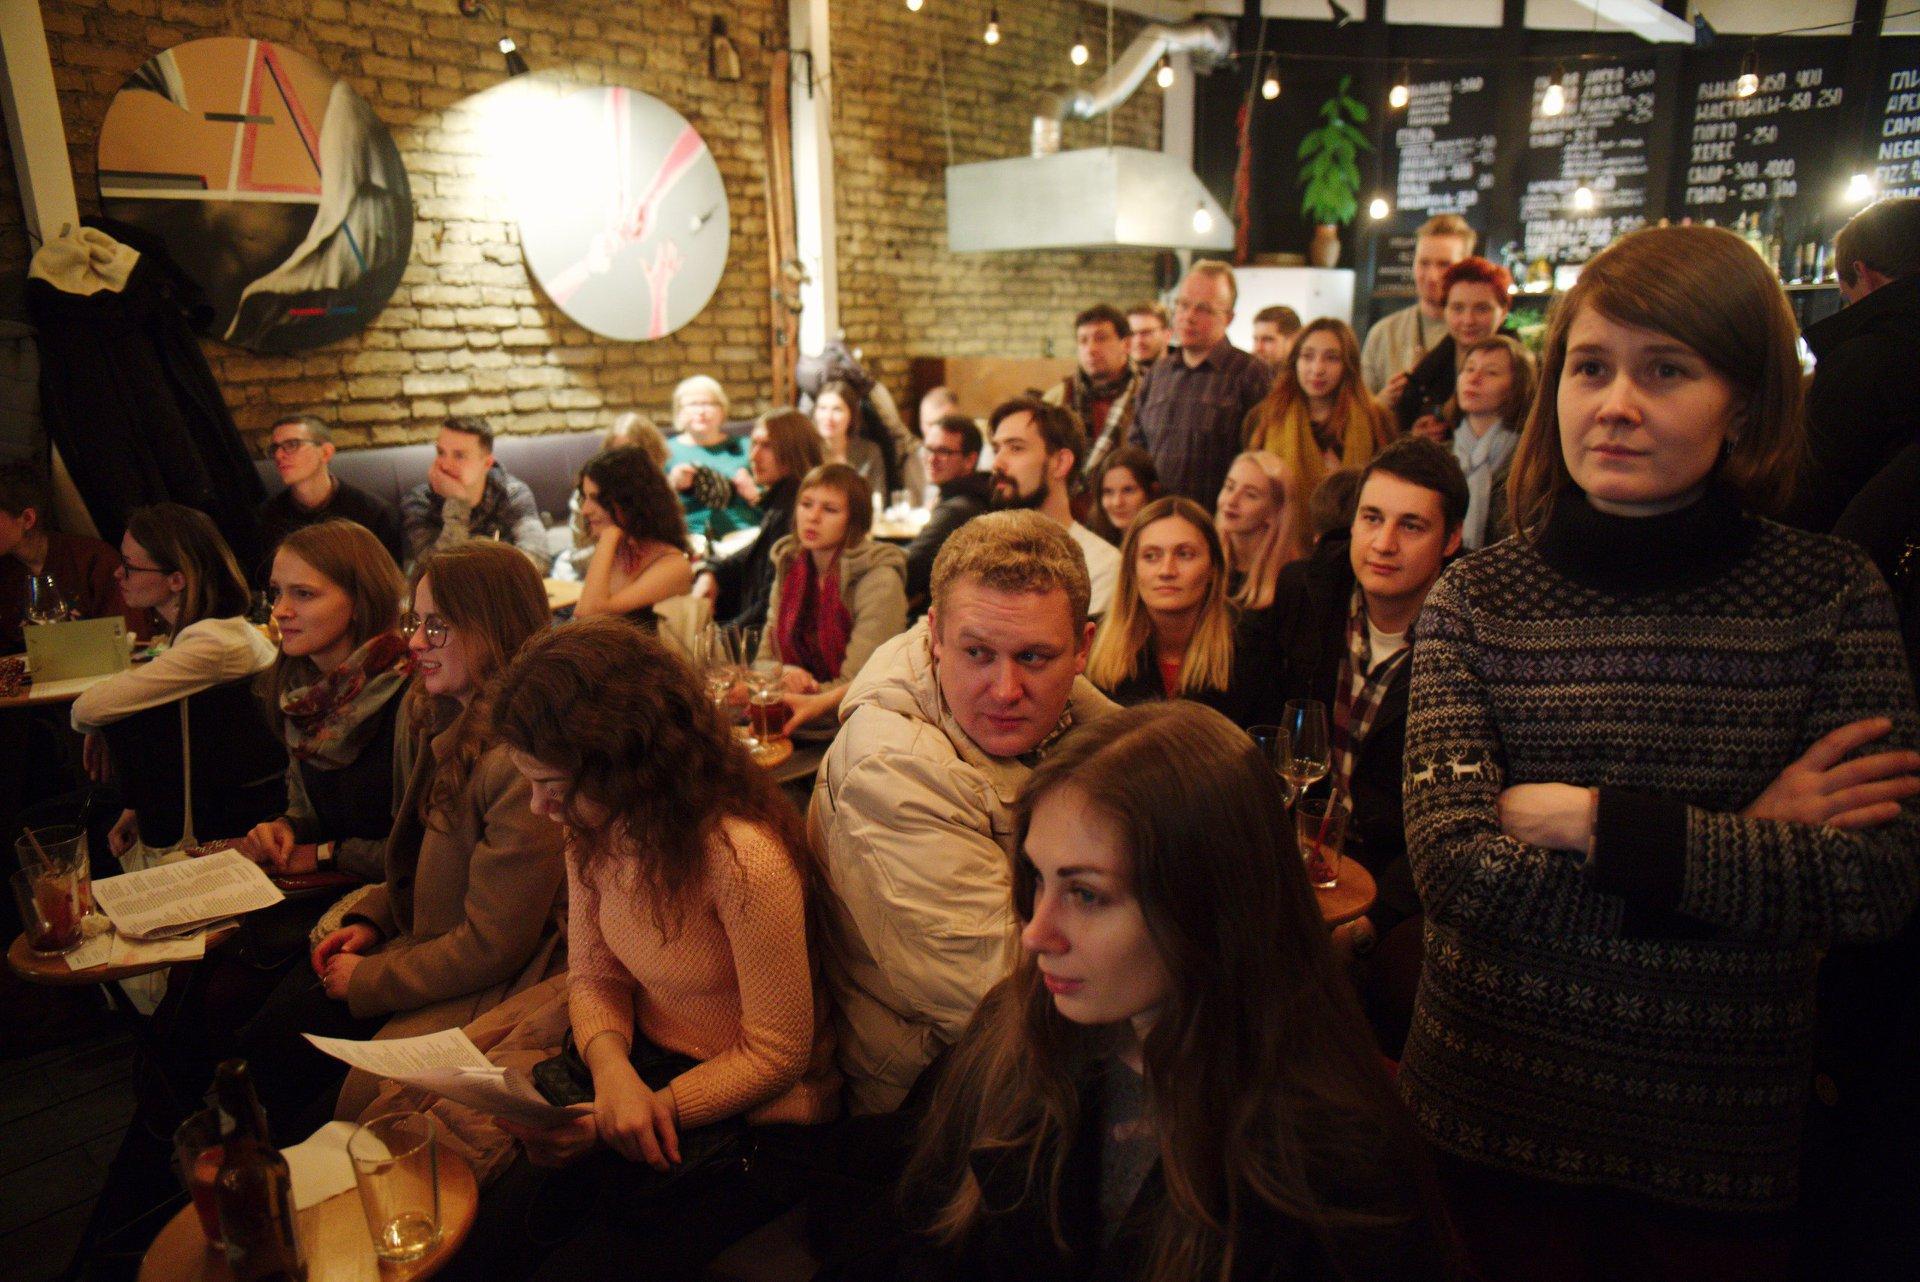 Исследователи и профессора Европейского университета читают еженедельные лекции в петербургском баре